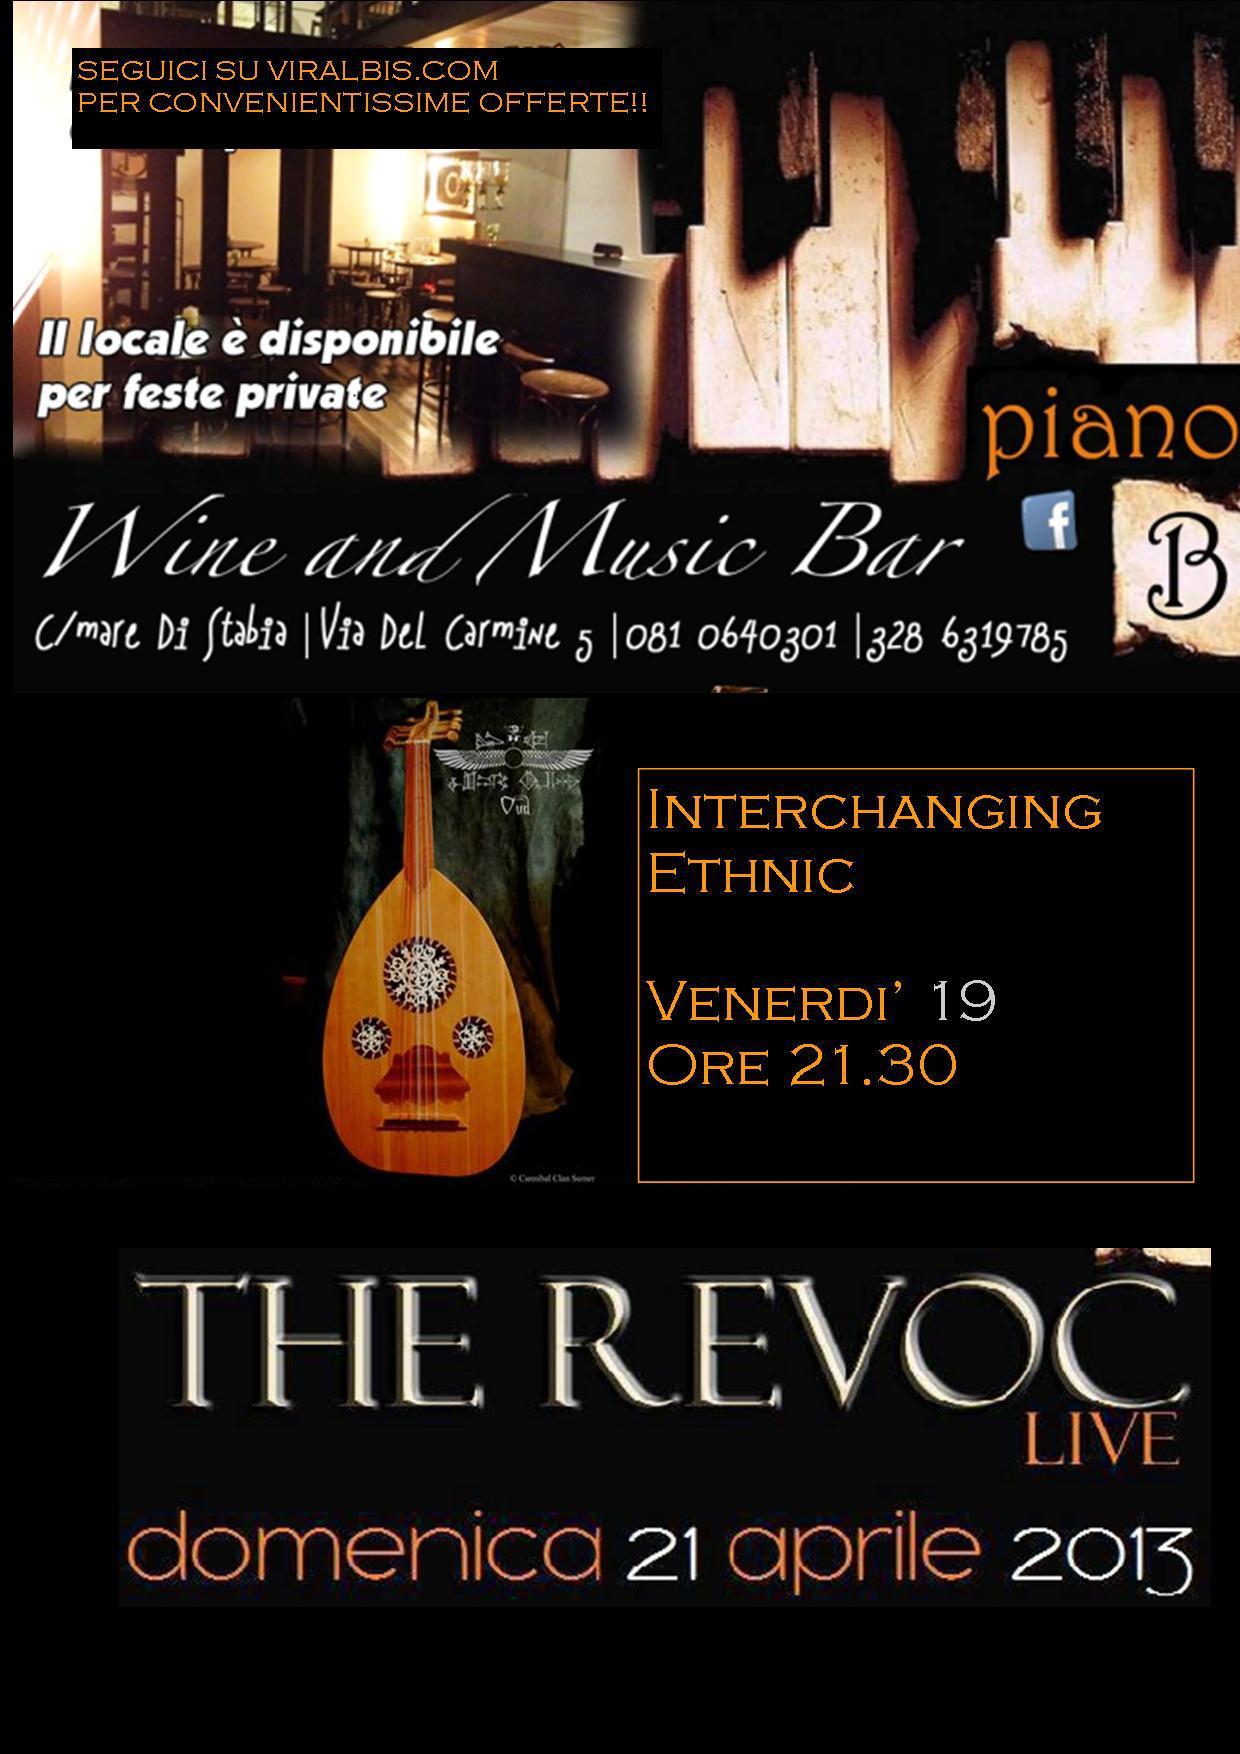 The Revoc al Piano B